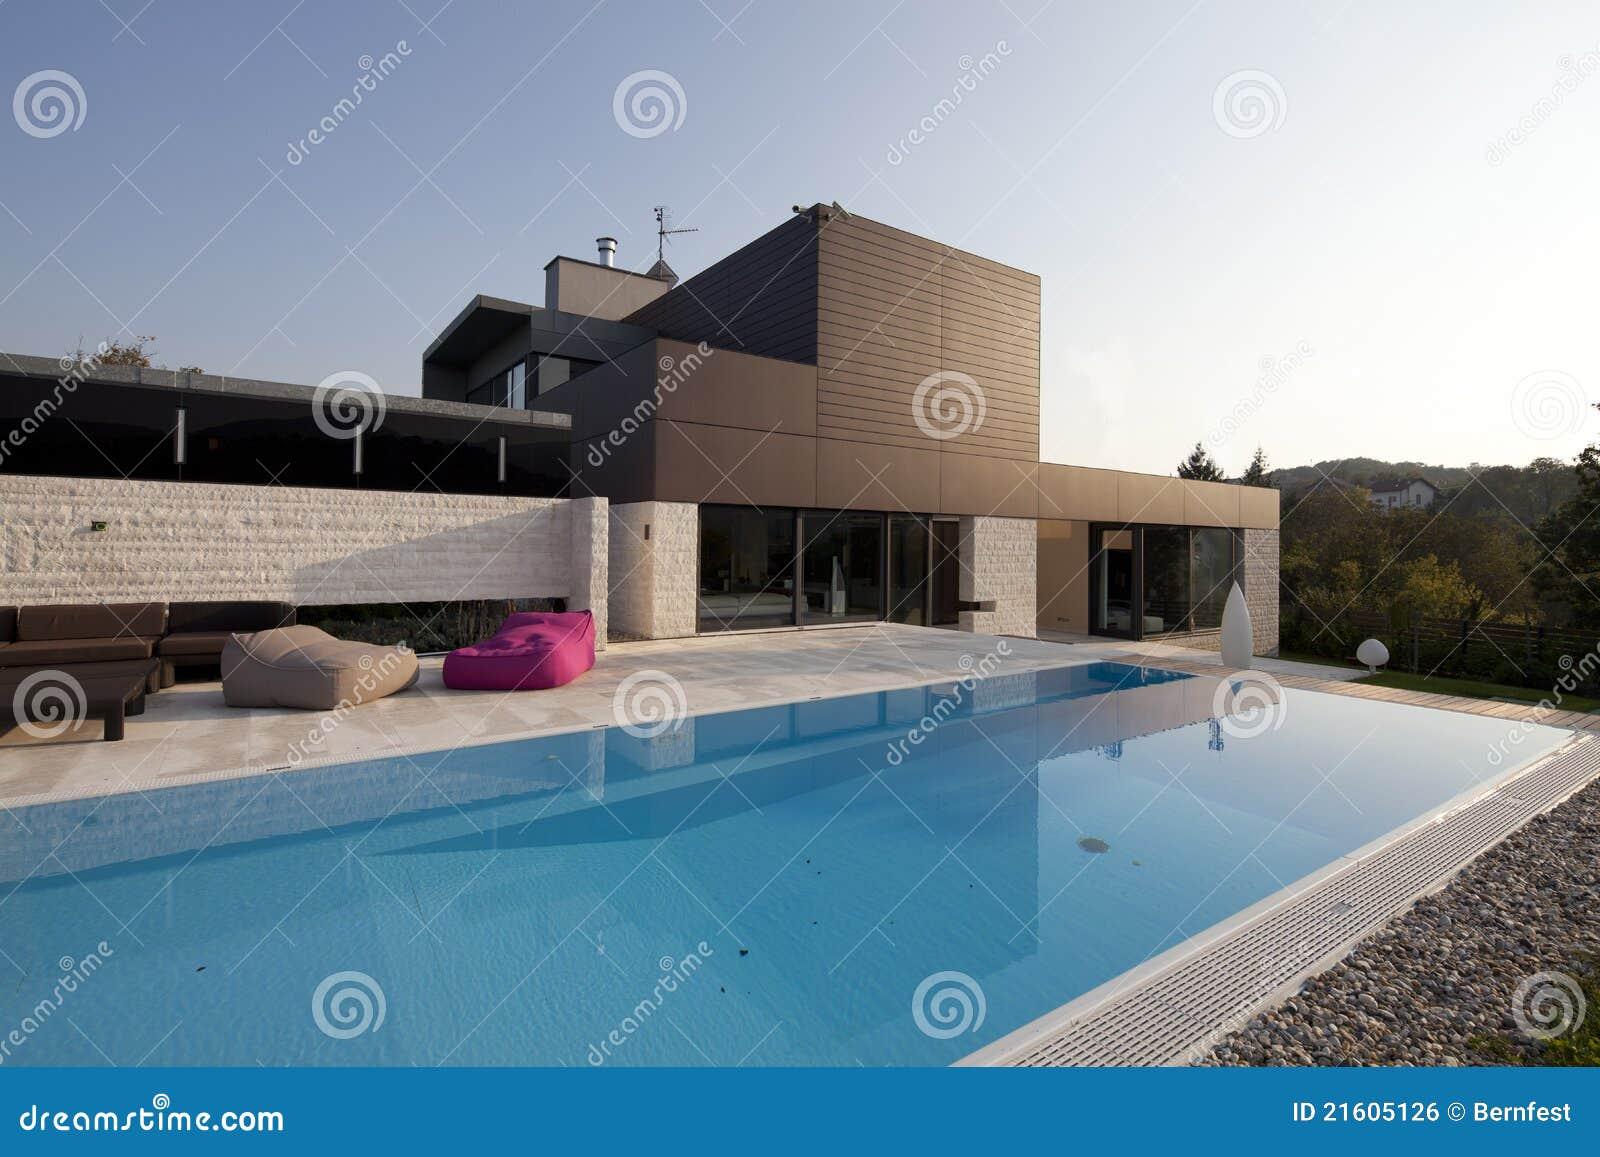 Mooi modern huis met zwembad royalty vrije stock afbeelding afbeelding 21605126 - Zwembad huis ...